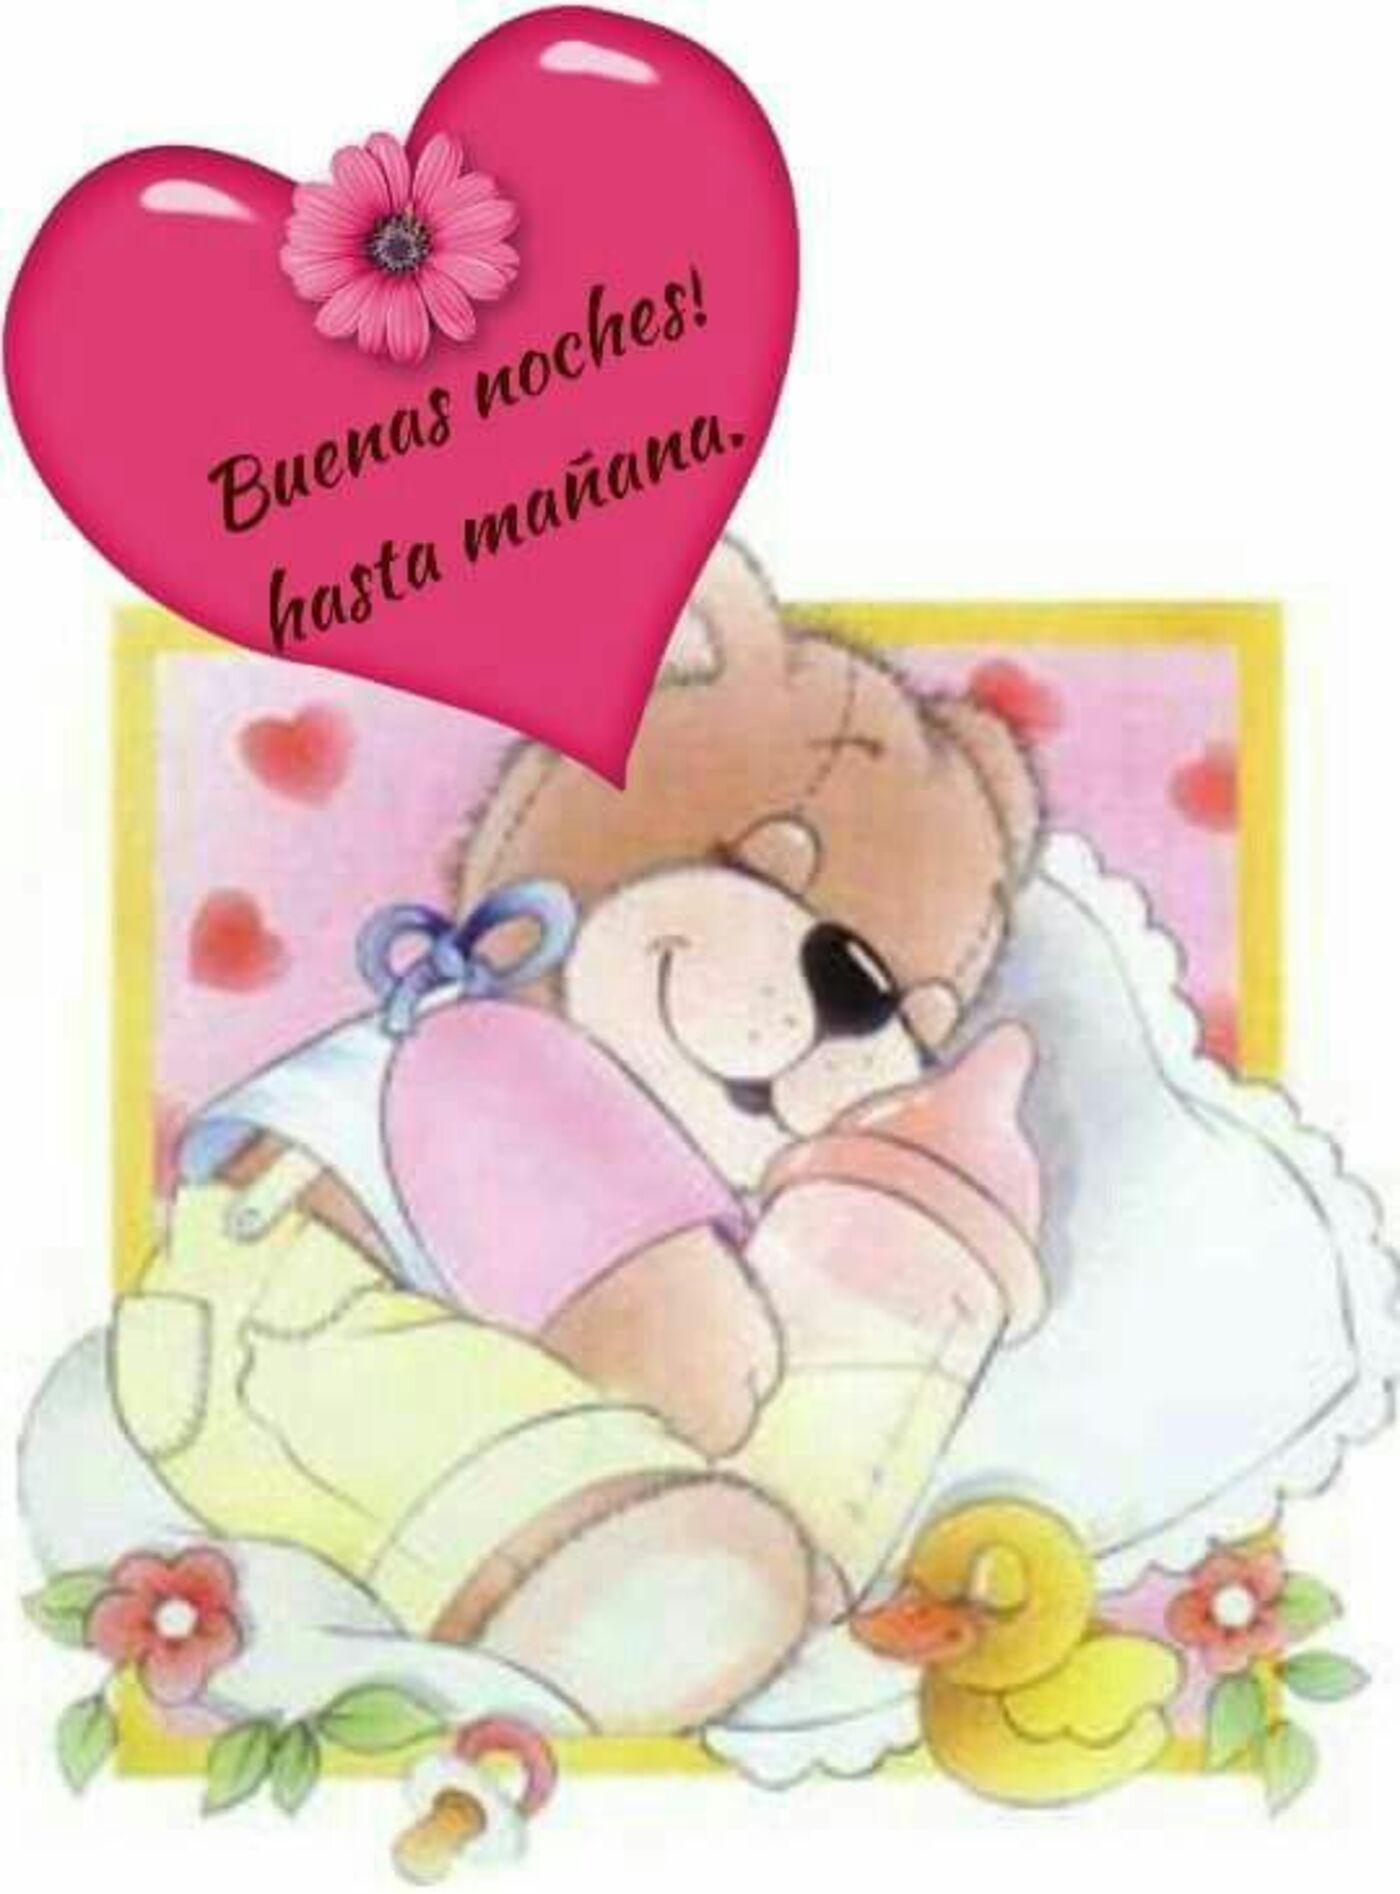 Buenas noche! hasta mañana